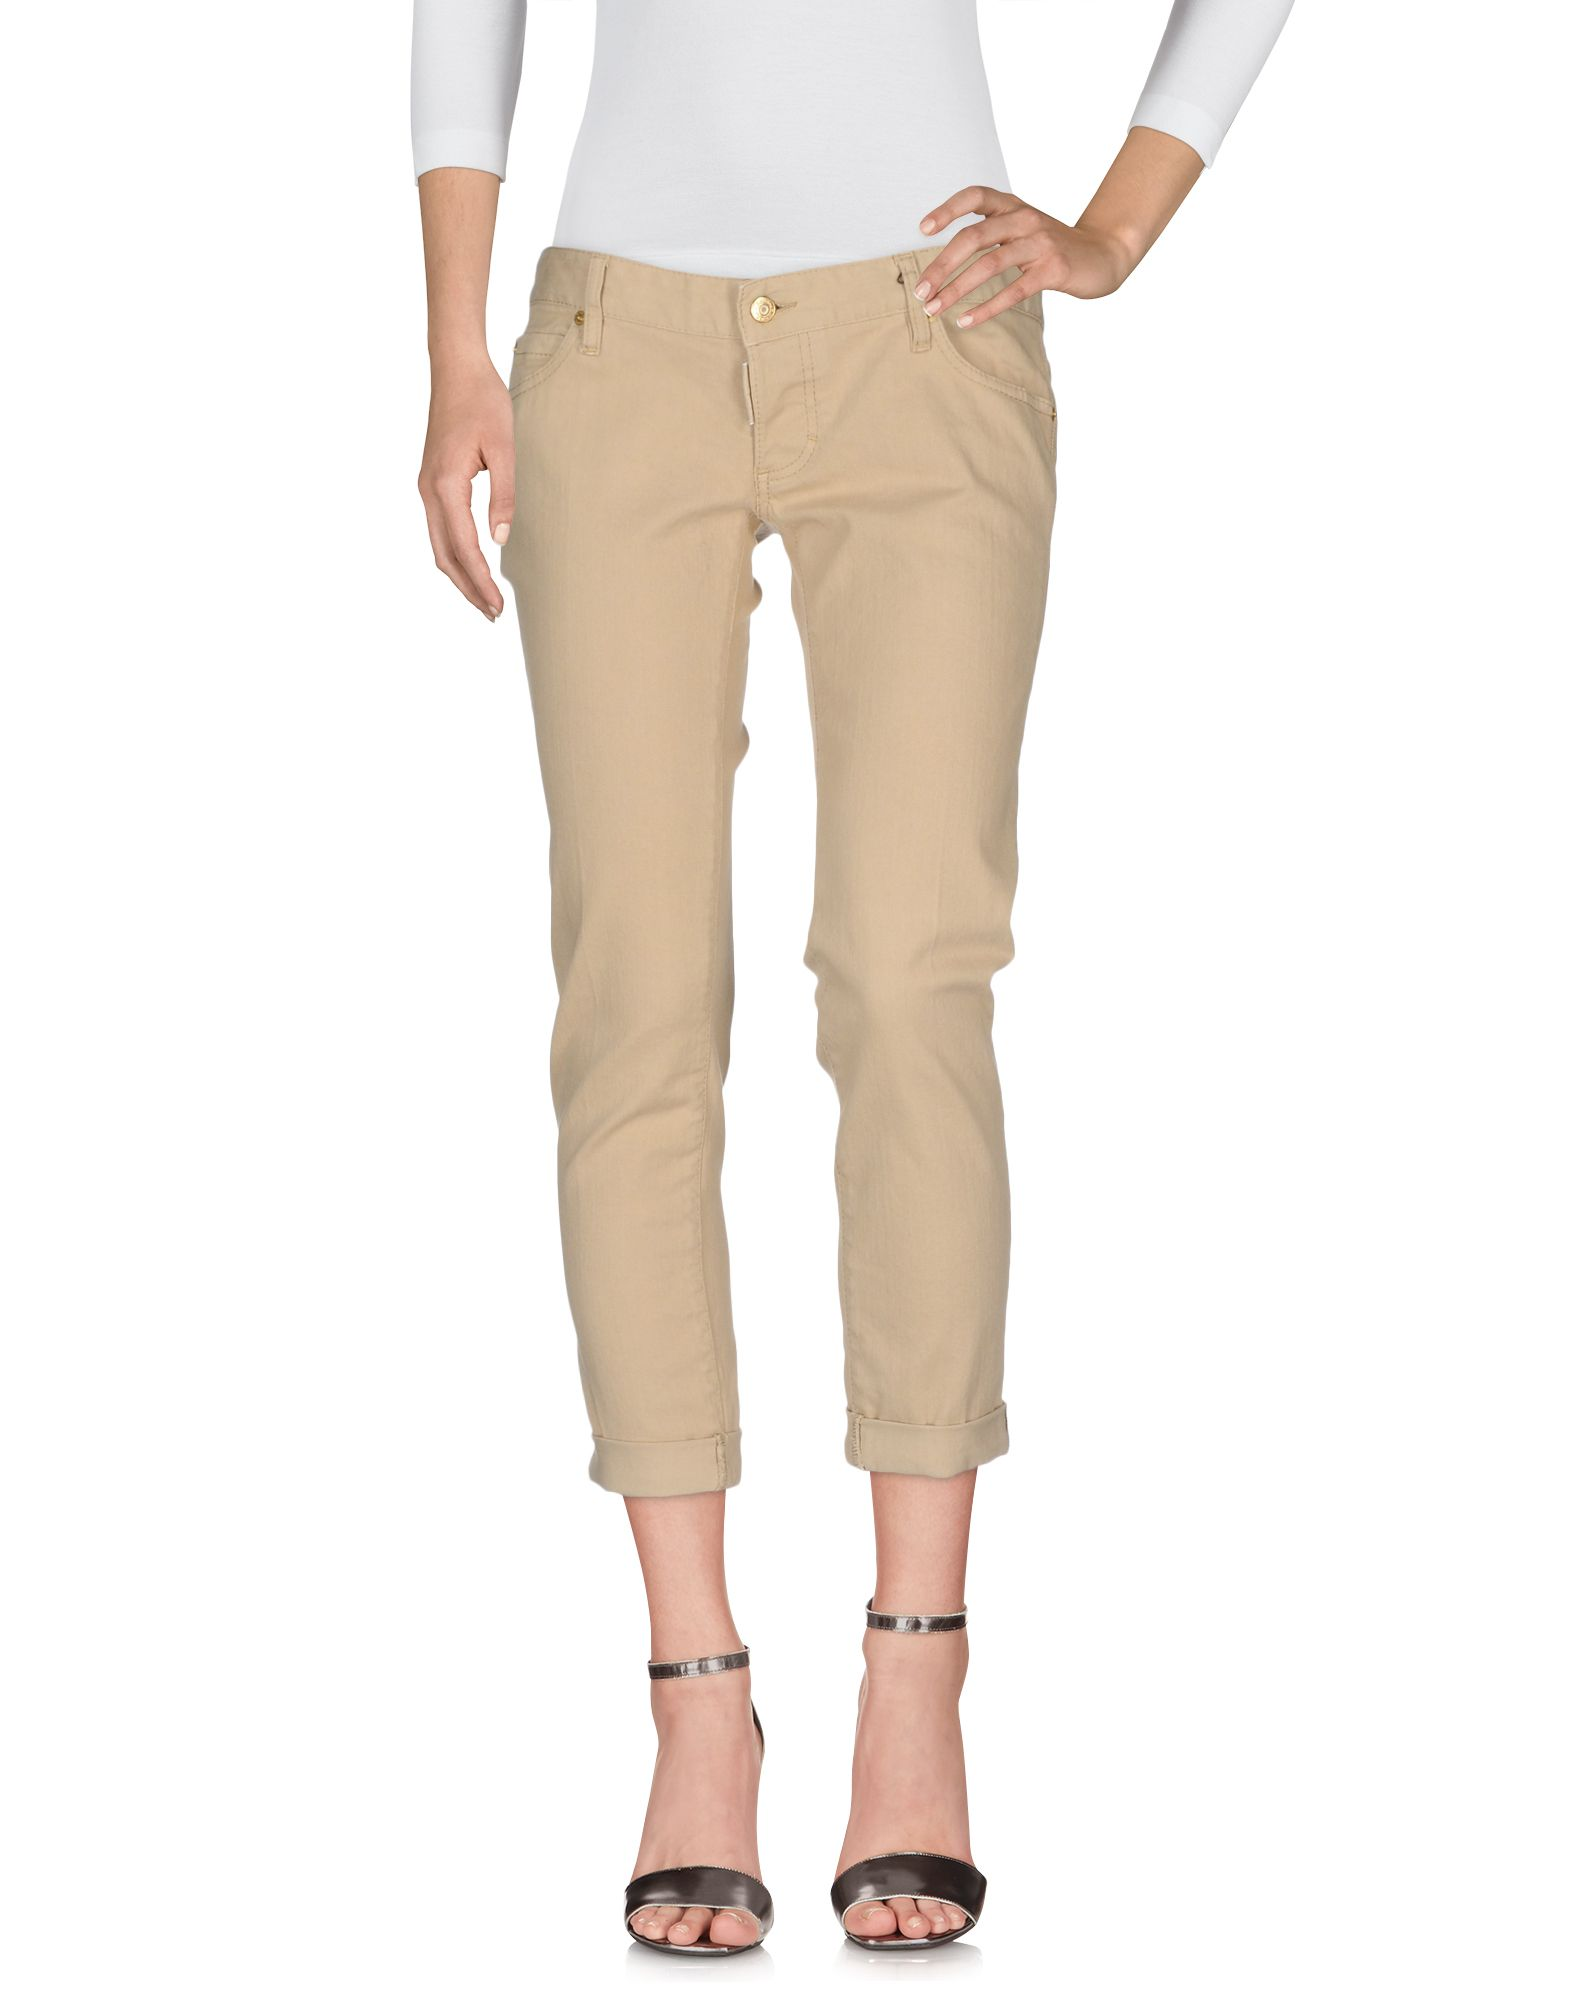 DSQUARED2 Damen Jeanshose Farbe Beige Größe 4 jetztbilligerkaufen